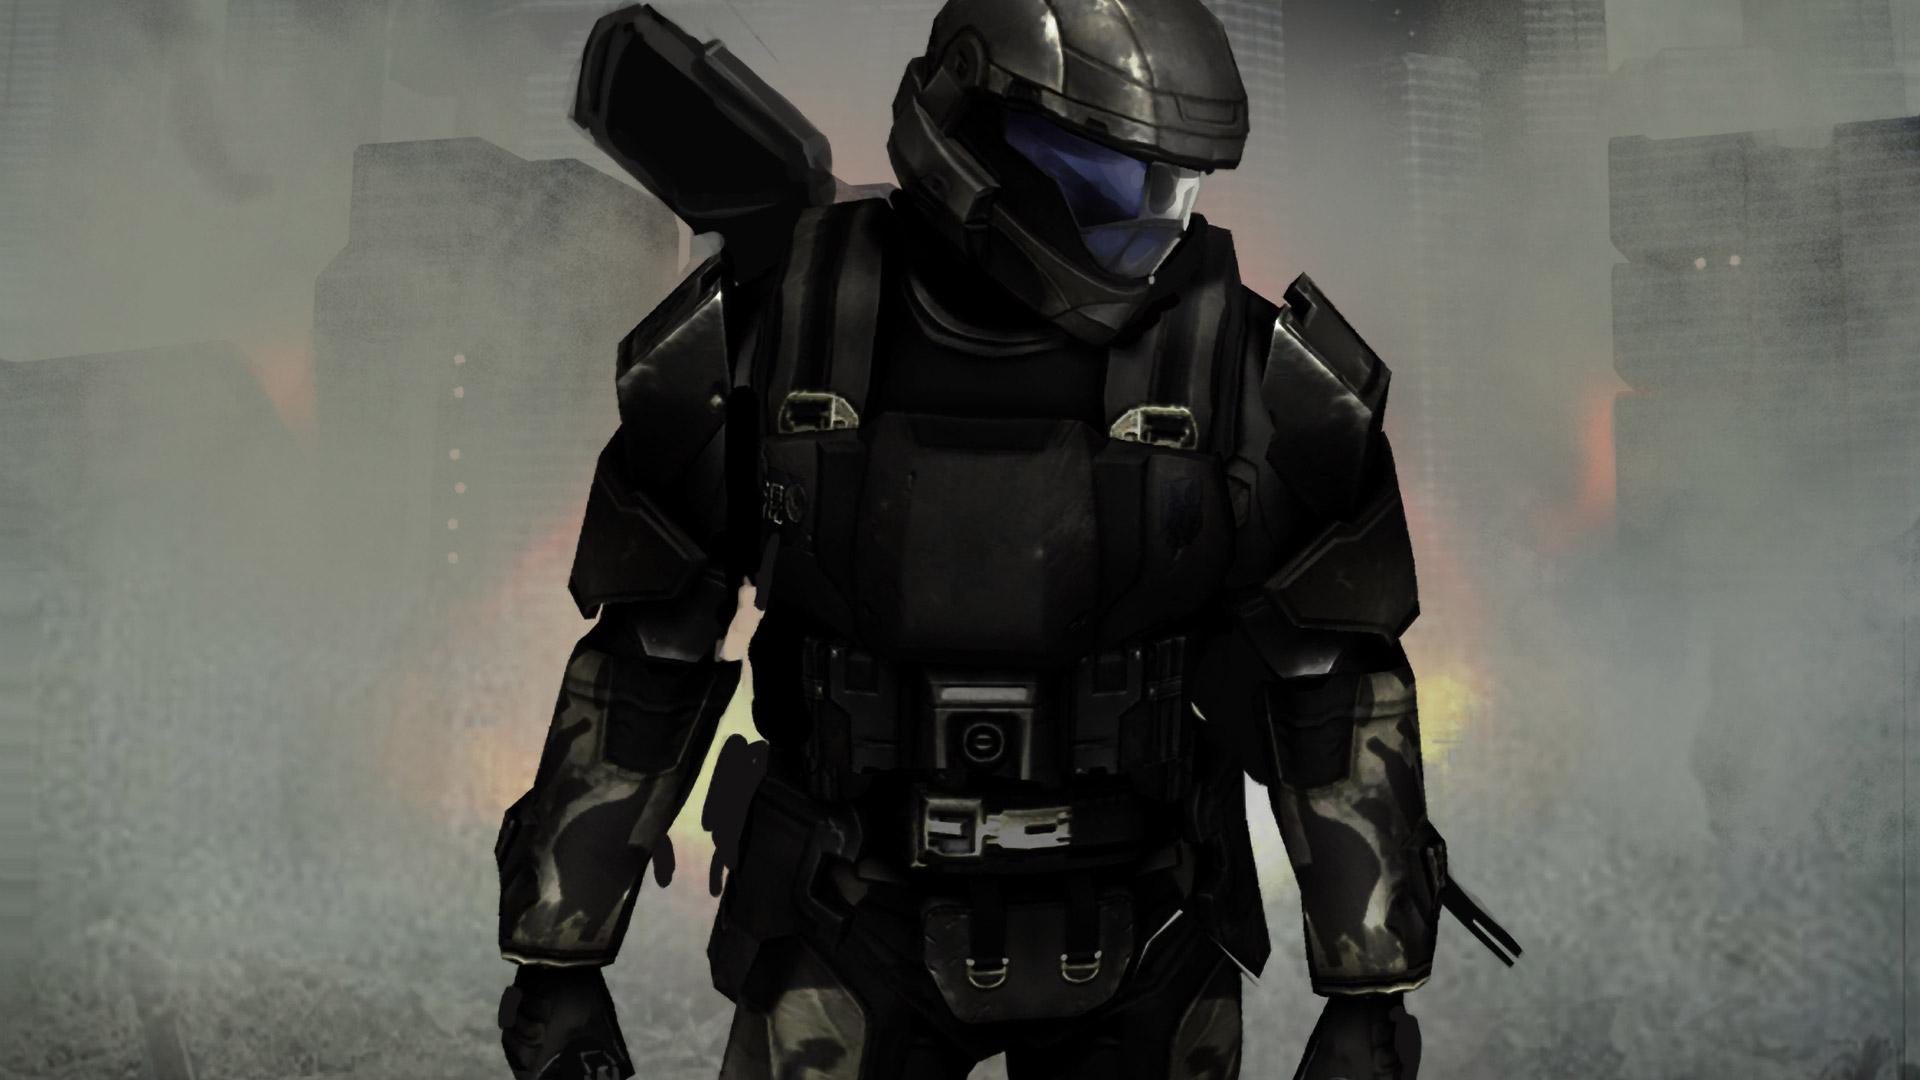 Halo 3: ODST Wallpaper in 1920x1080